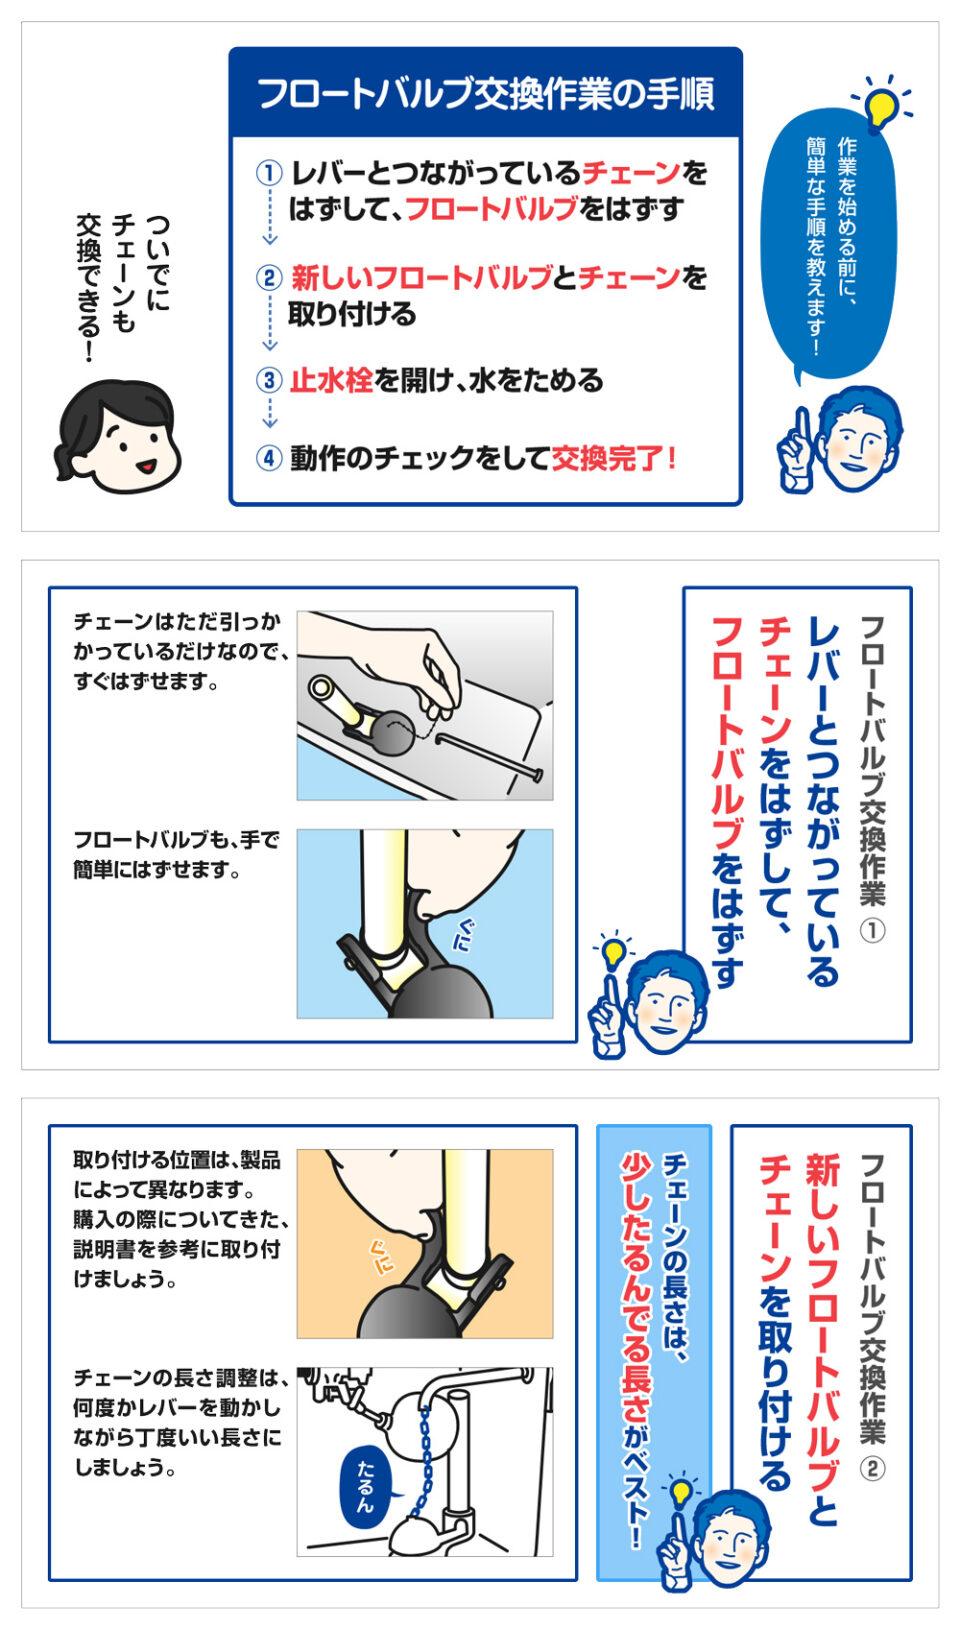 トイレタンクの水漏れ修理方法-9